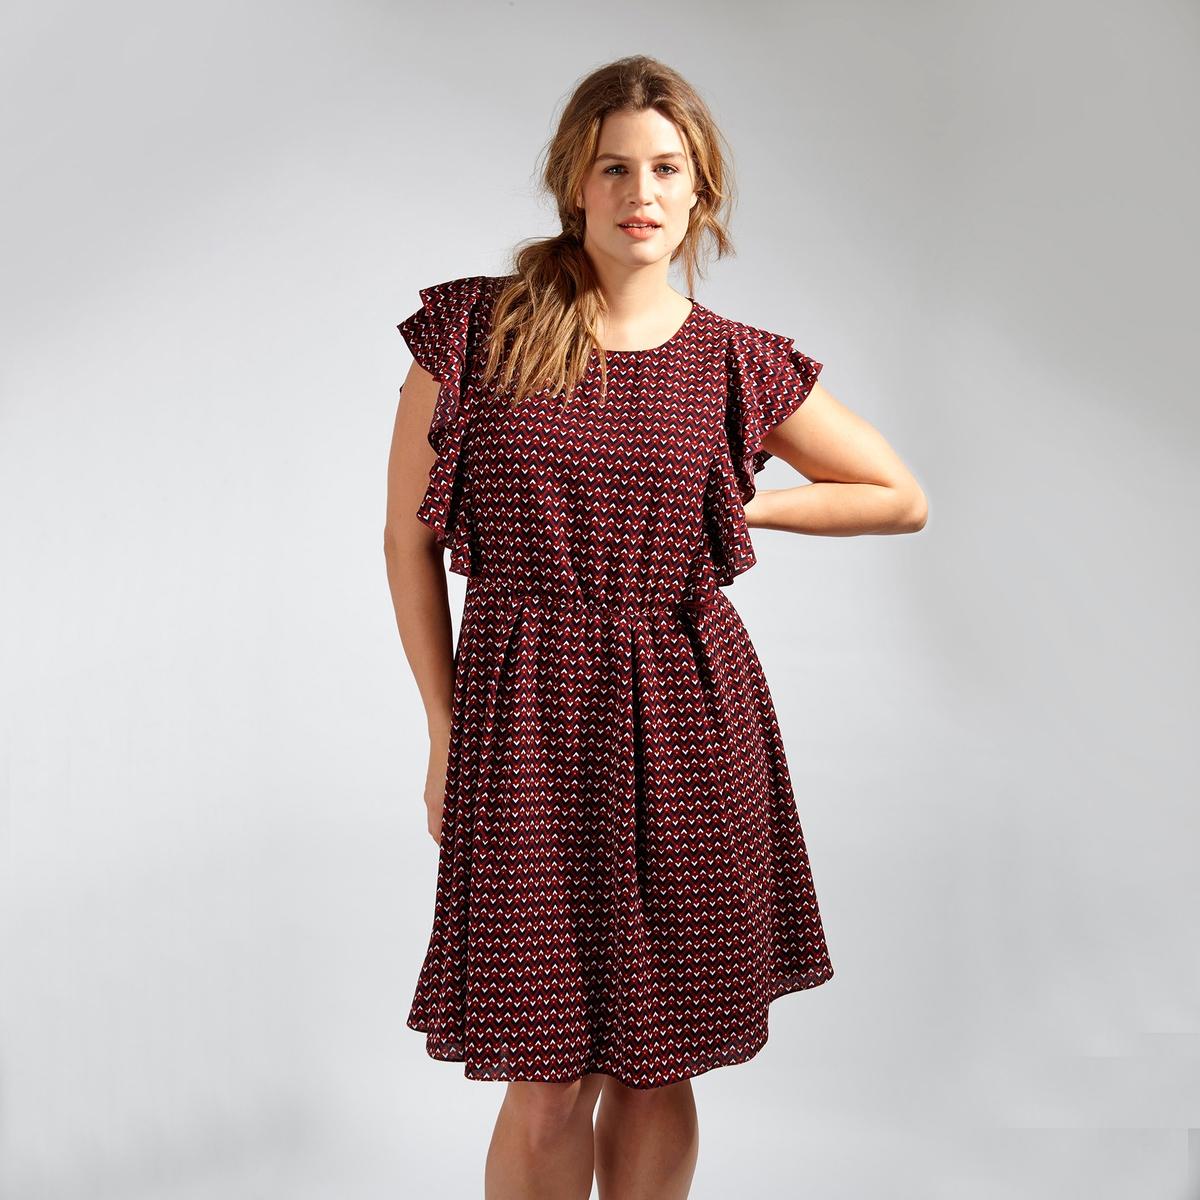 ПлатьеПлатье - KOKO BY KOKO. Застежка на молнию сзади. Длина до колен. 100% полиэстер<br><br>Цвет: набивной рисунок<br>Размер: 58/60 (FR) - 64/66 (RUS)